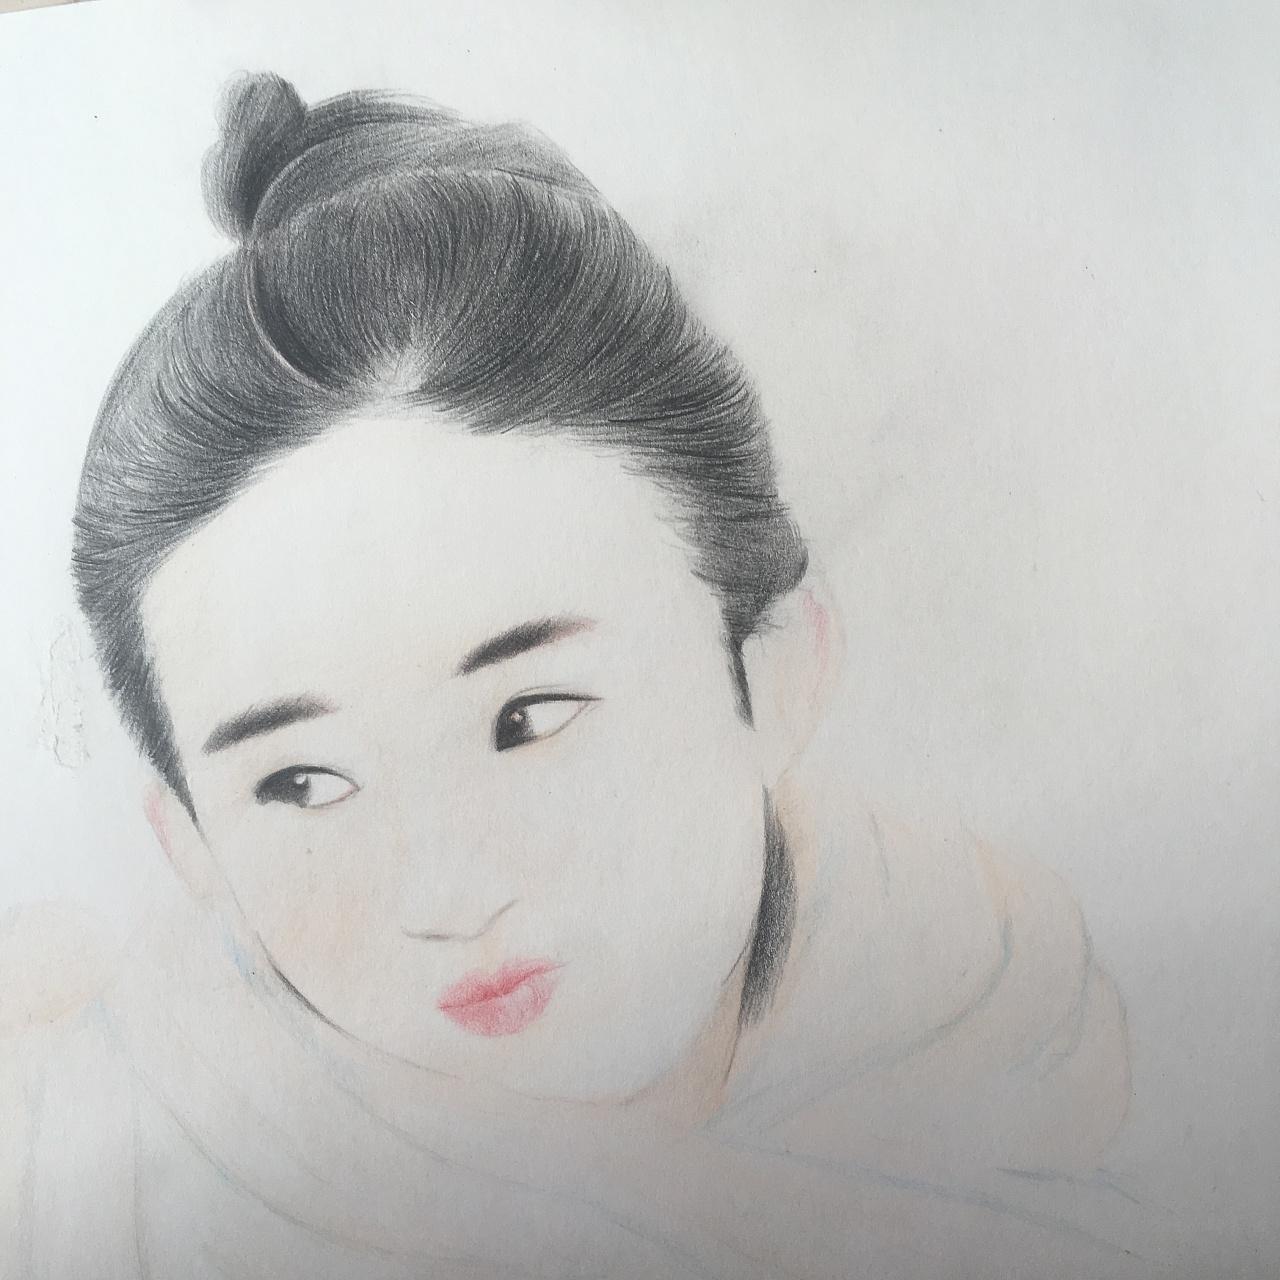 彩铅手绘赵丽颖